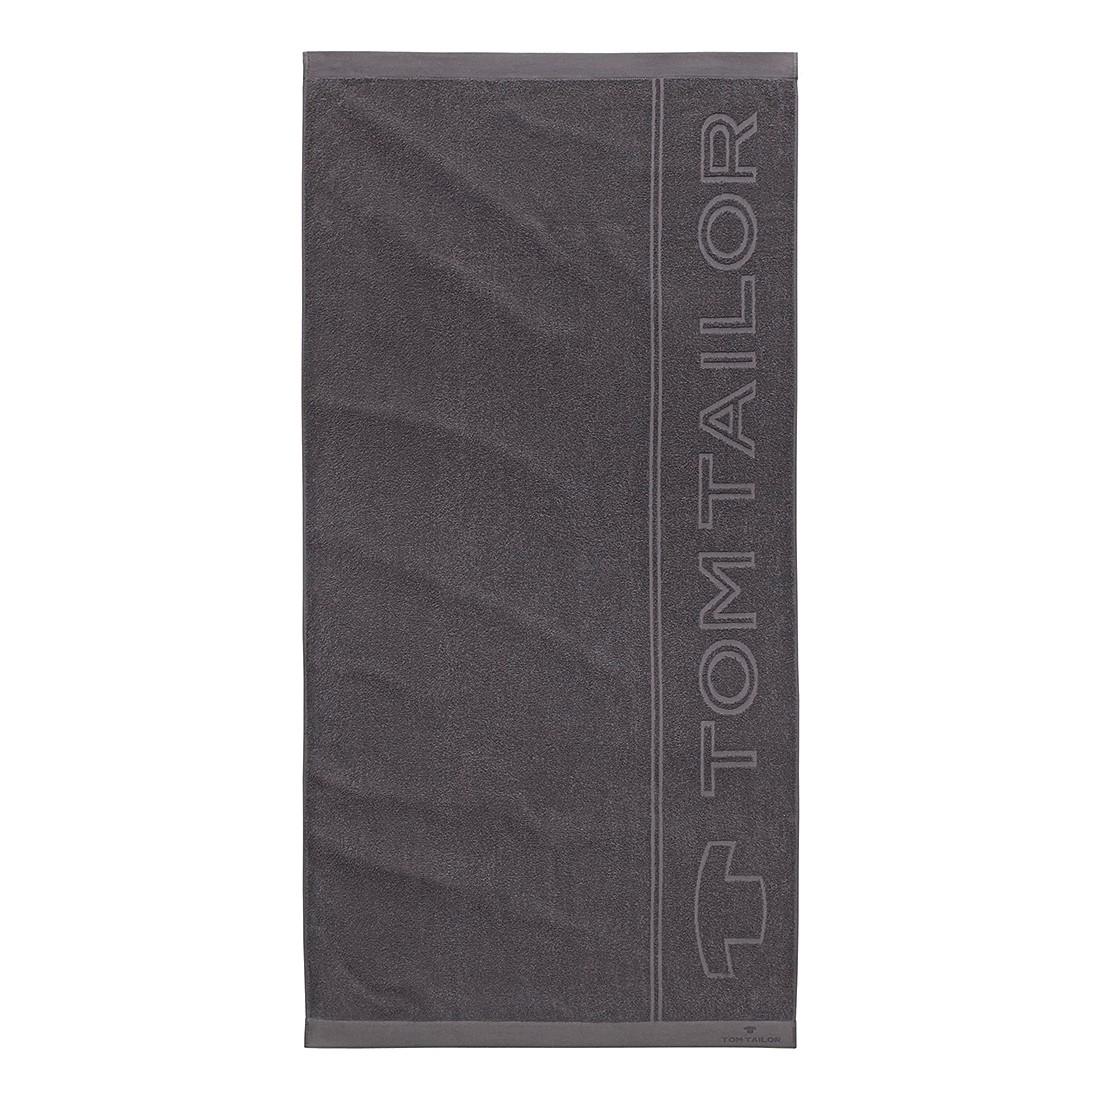 Home 24 - Serviette beach towels - gris foncé, tom tailor